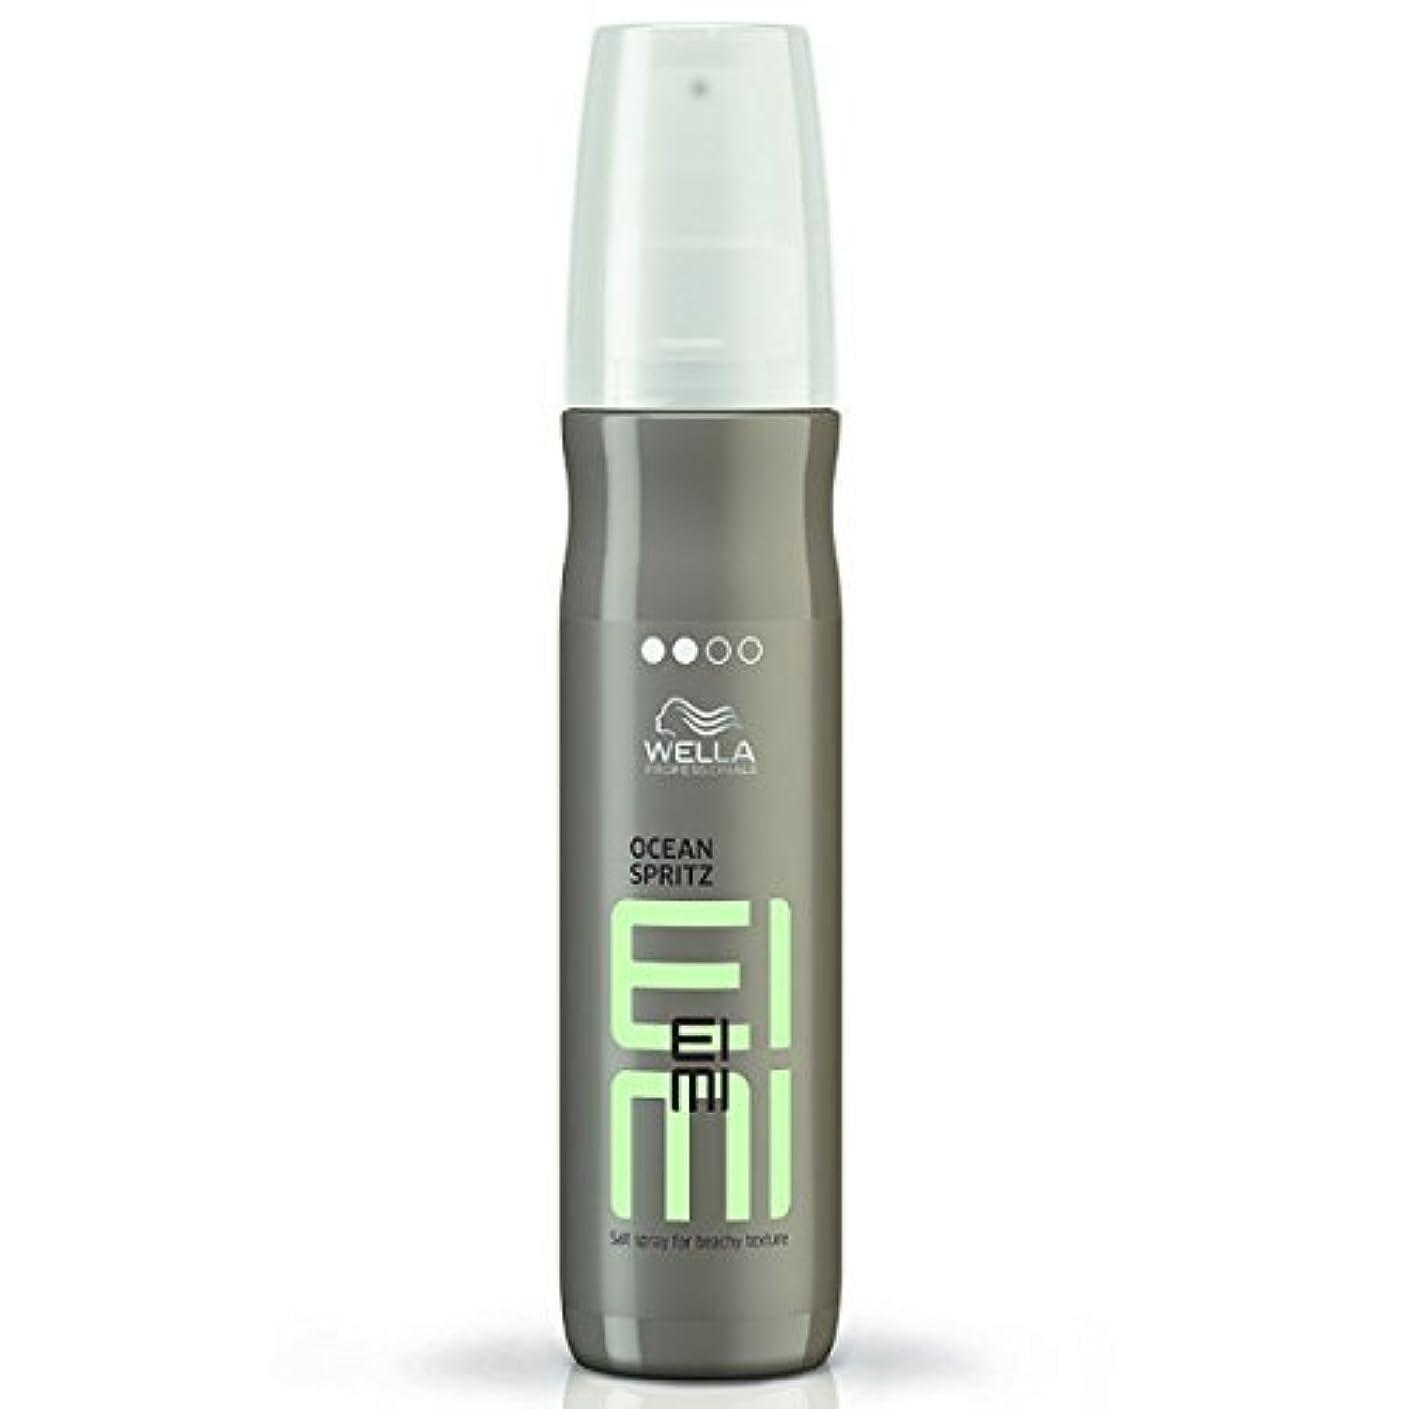 キャリッジ両方ナイロンWella EIMI Ocean Spritz - Salt Spray For Beachy Hair Texture 150 ml [並行輸入品]